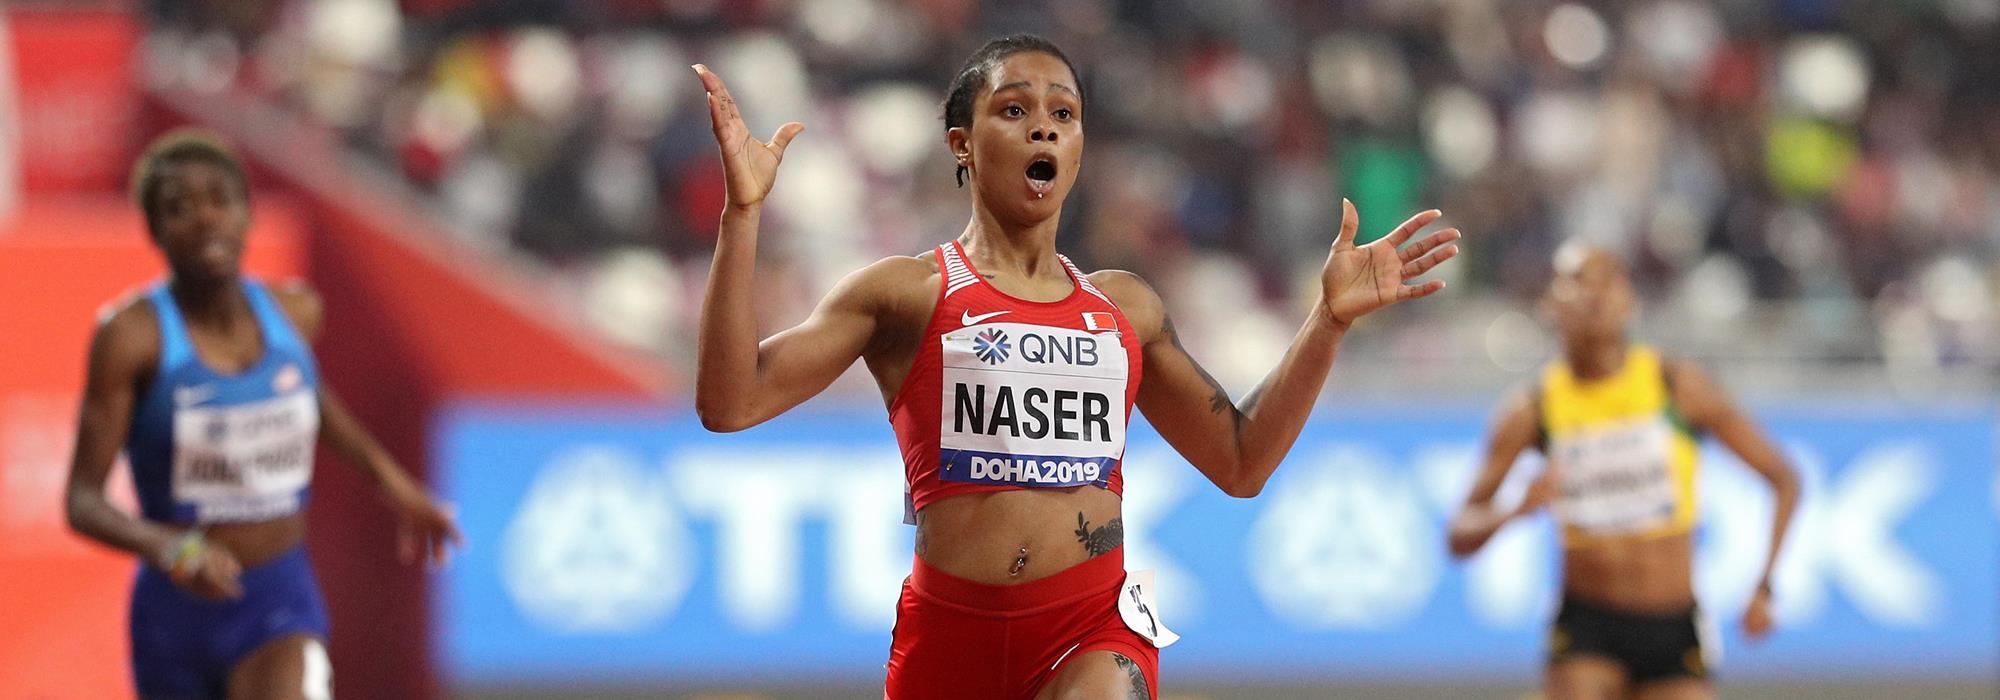 Athlétisme. Dopage: abandon des poursuites contre Naser